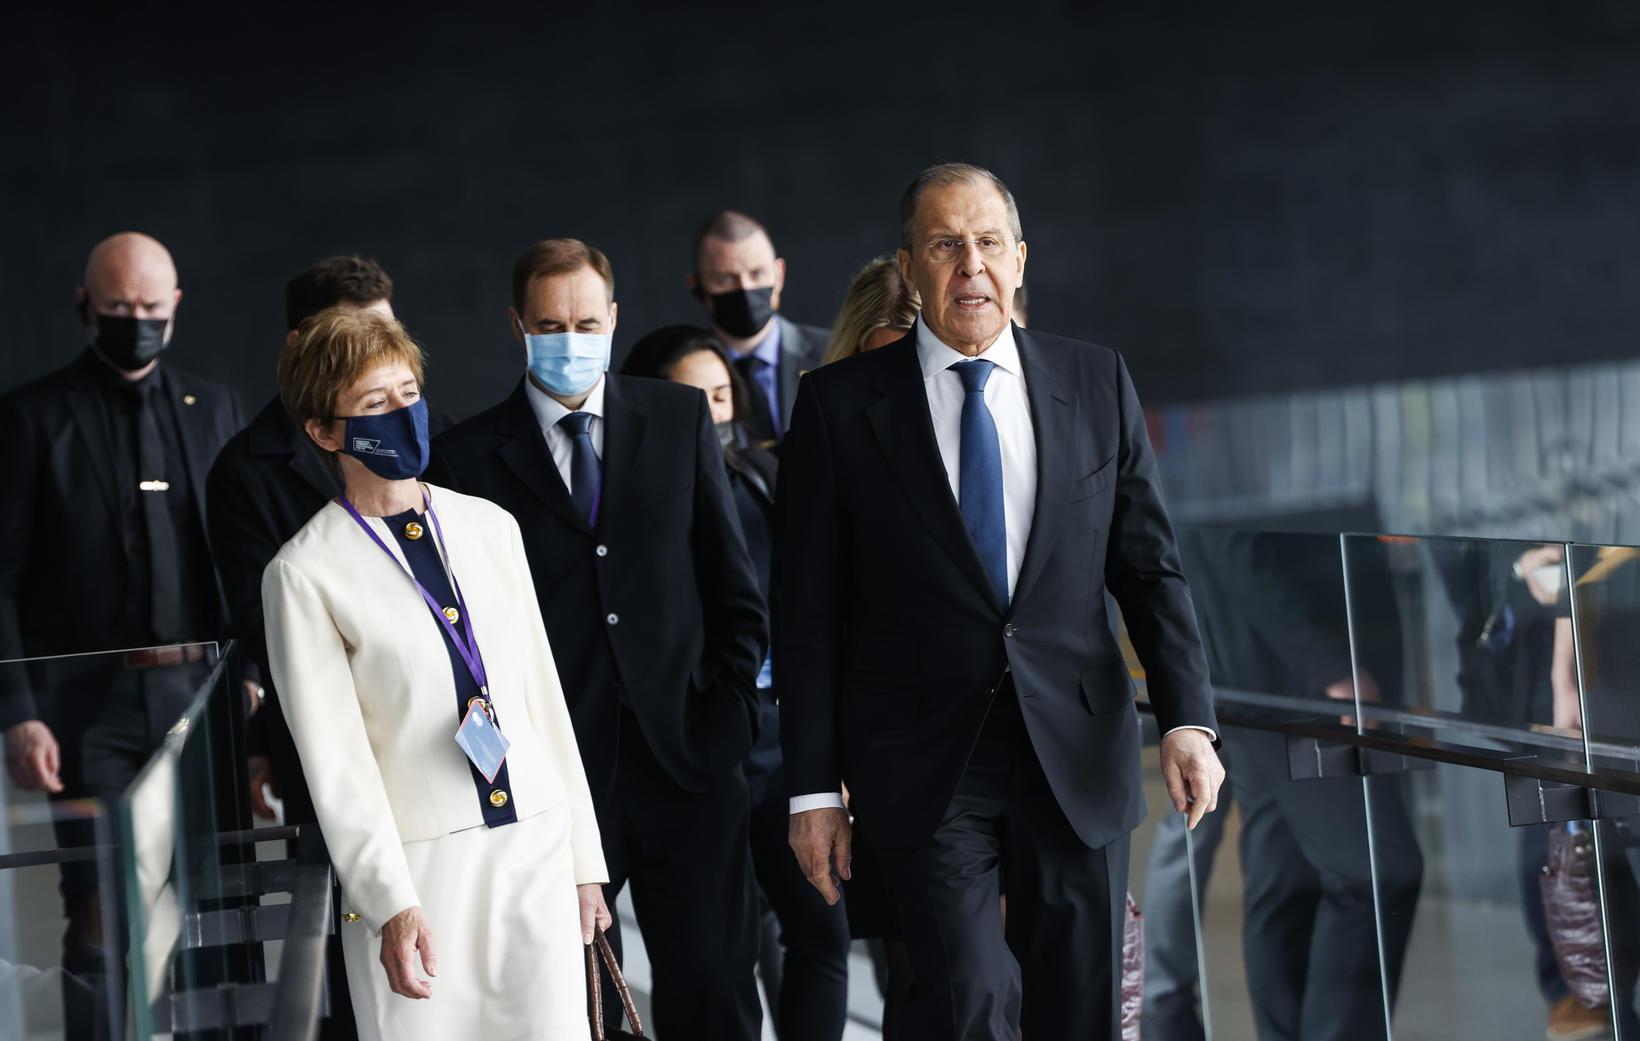 Sergei Lavrov, utanríkisráðherra Rússlands, ásamt föruneyti í Hörpu í dag.